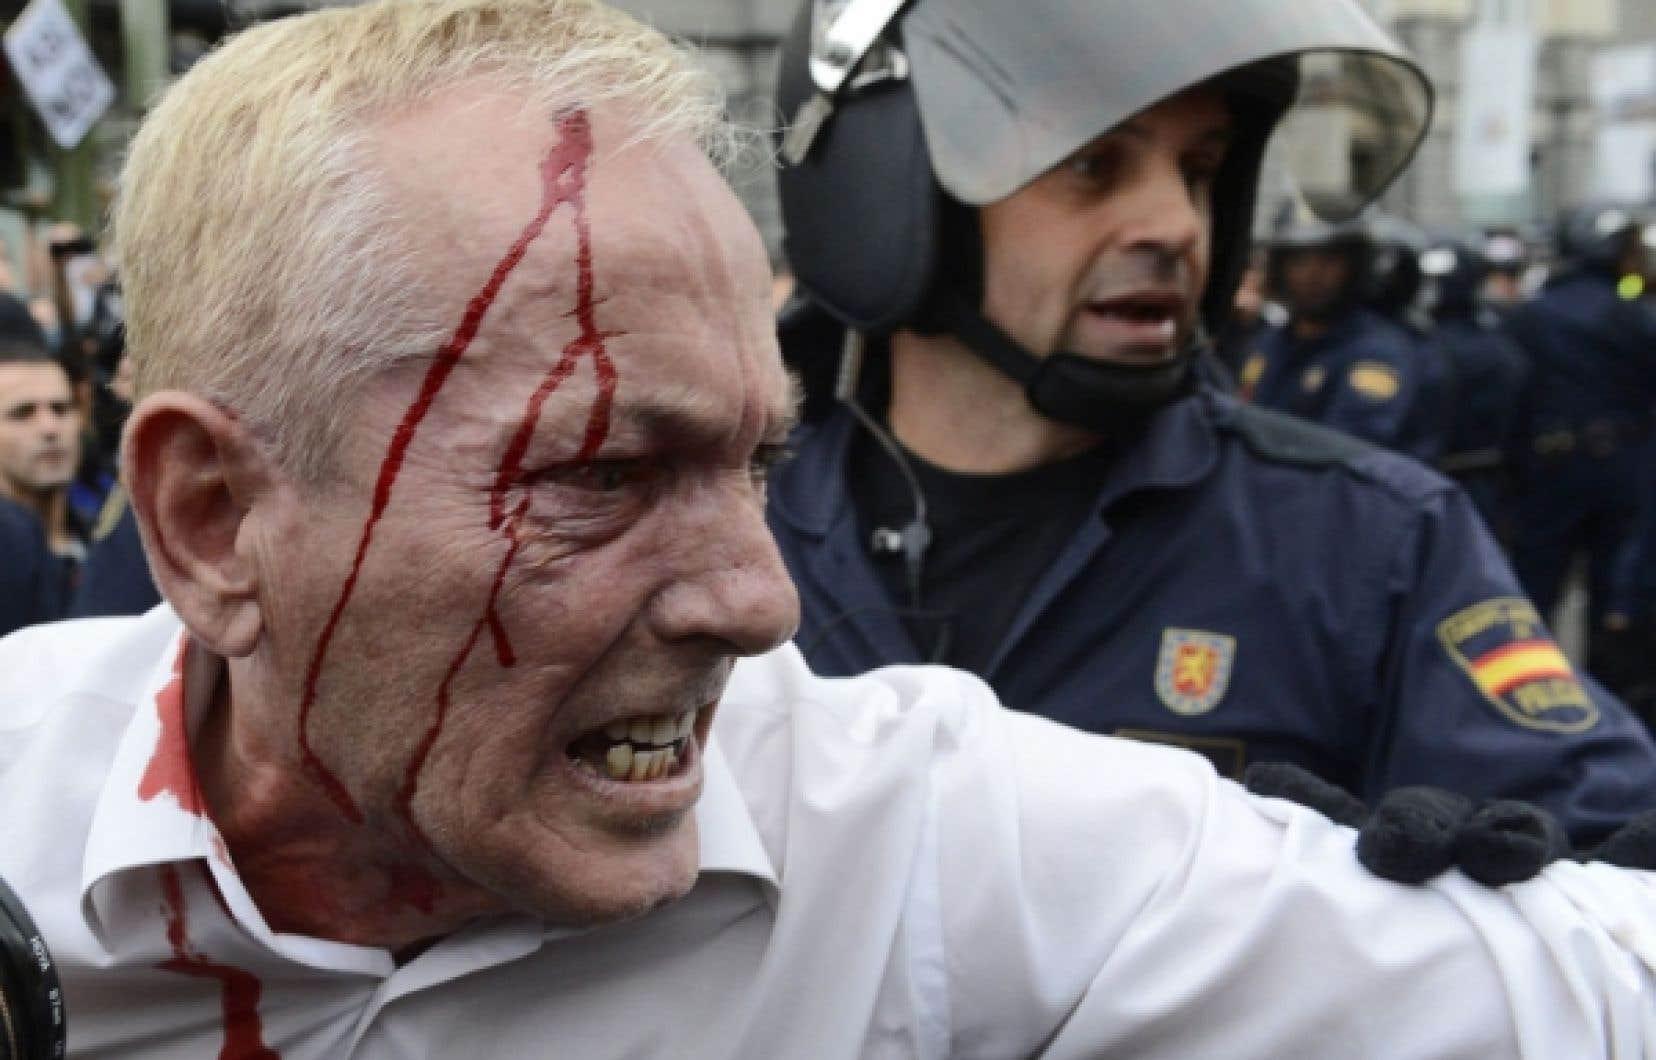 Un manifestant blessé lors des affrontements avec la police à Madrid.